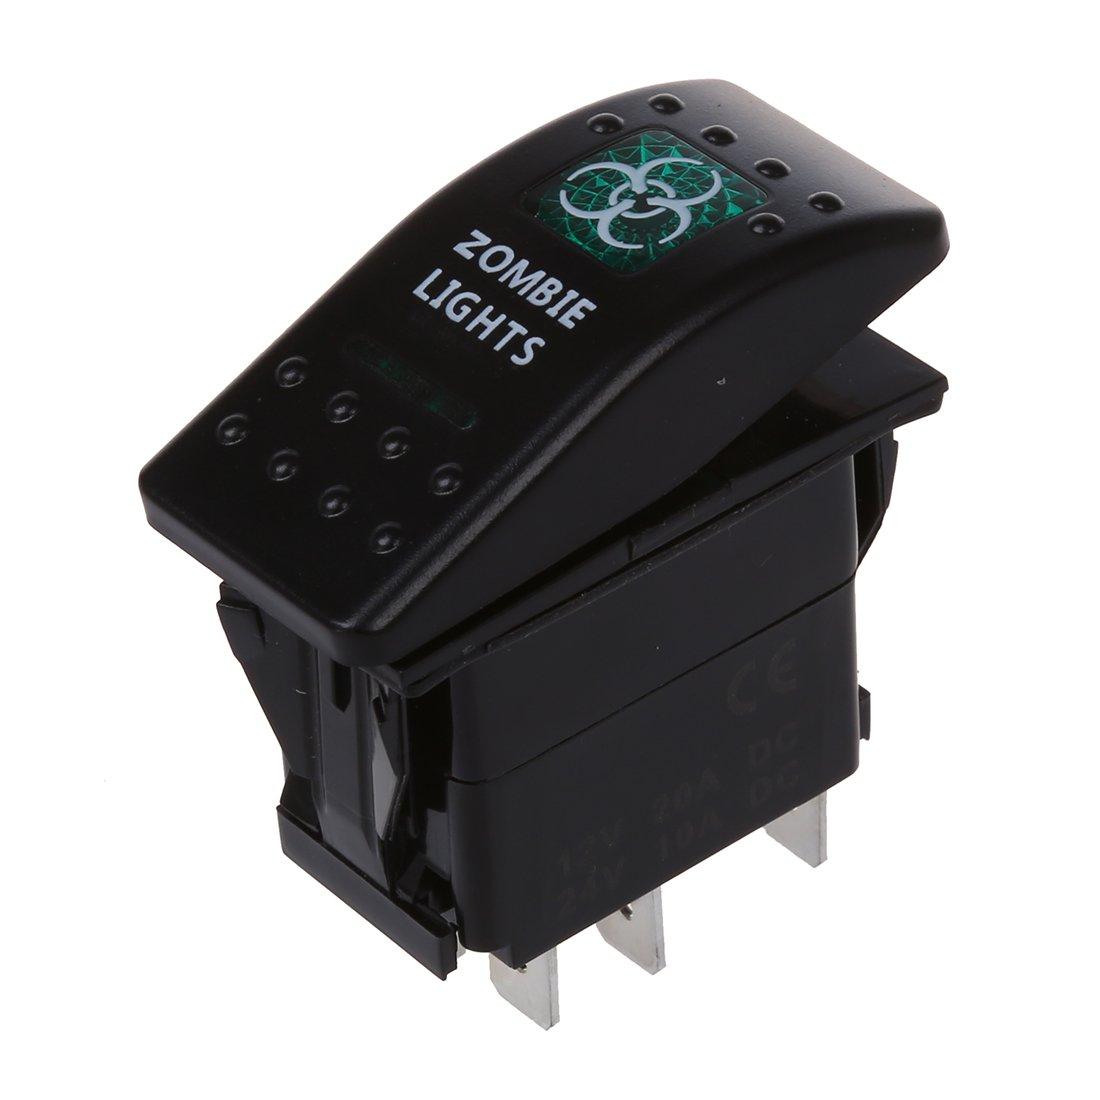 Interruptor de palanca - SODIAL(R)12VC AR barco marino RV interruptor basculante de palanca de LED luz de trabajo de antiniebla trasera ON-OFF luces de zombi 062334A8